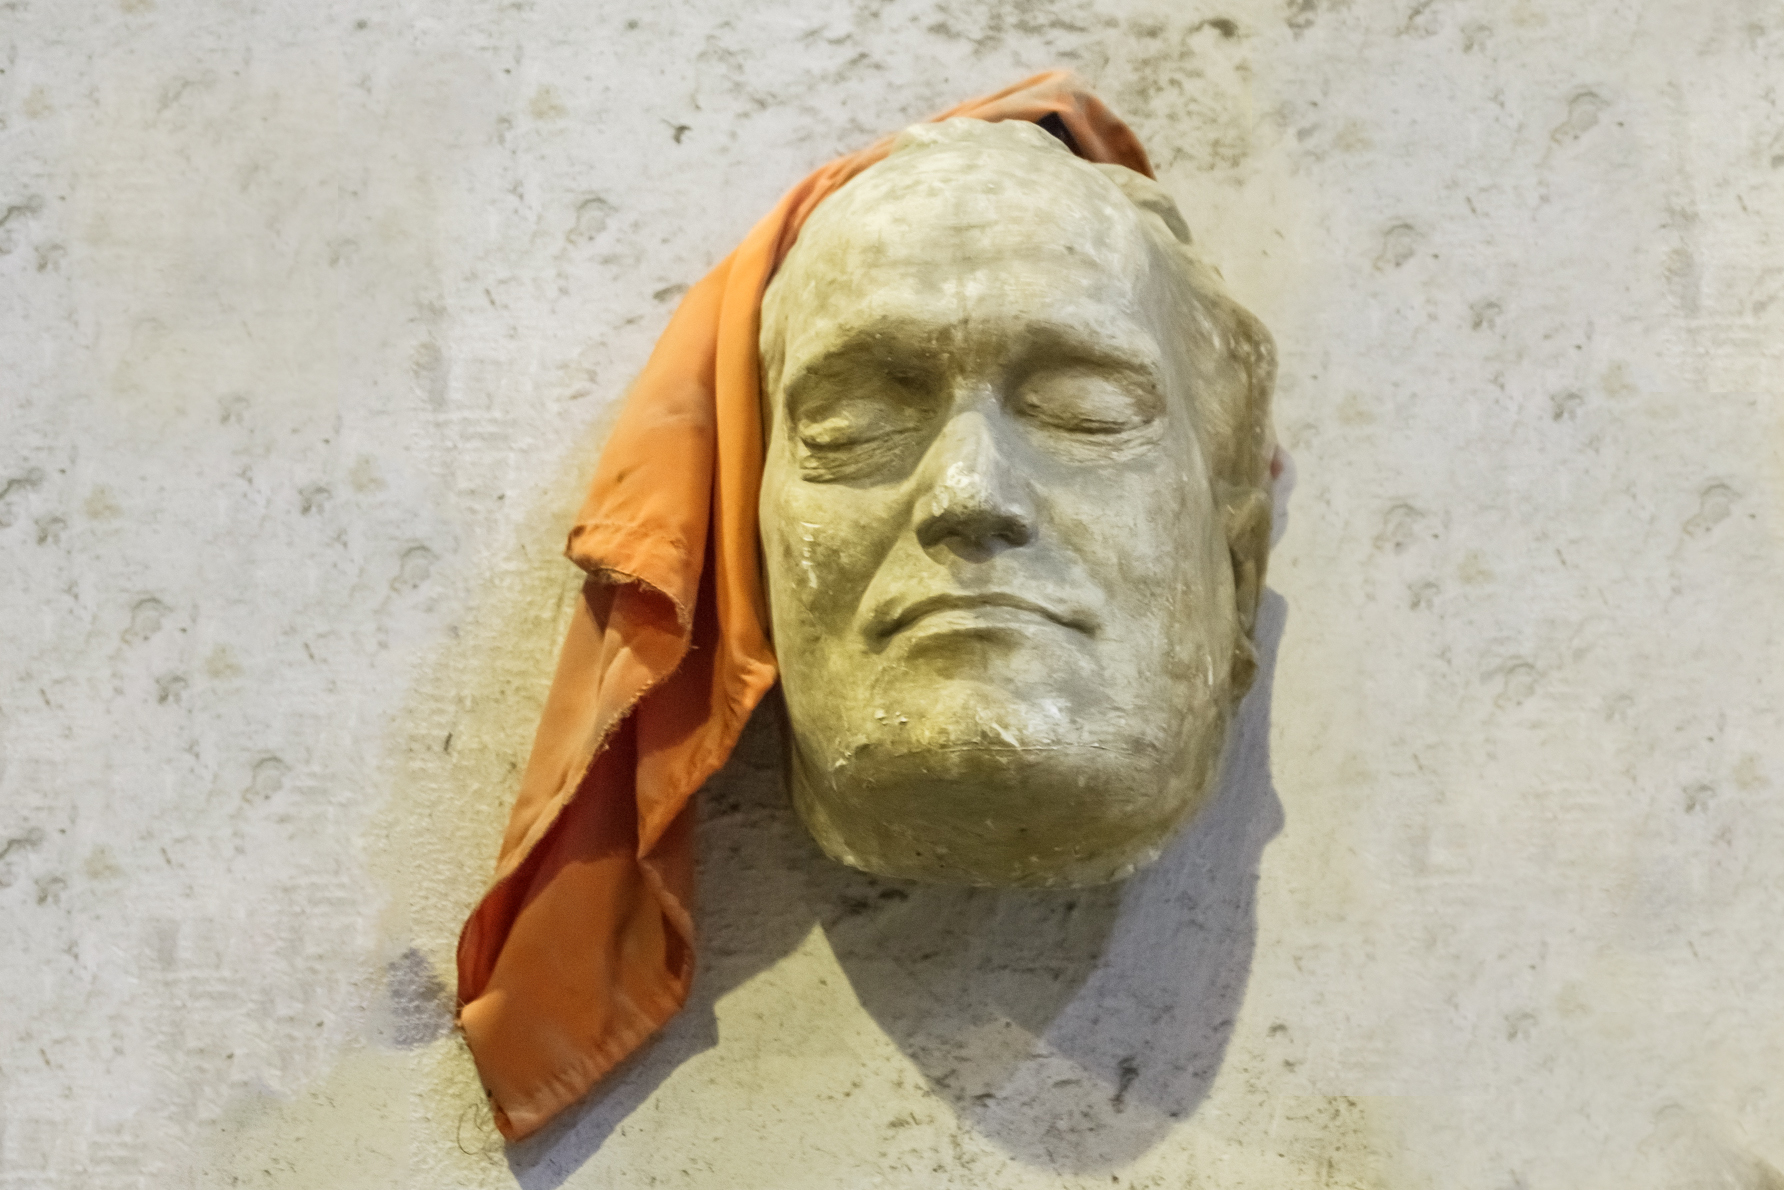 Посмертная маска Валериана Куйбышева, выполненная самарским скульптором Александром Куклевым